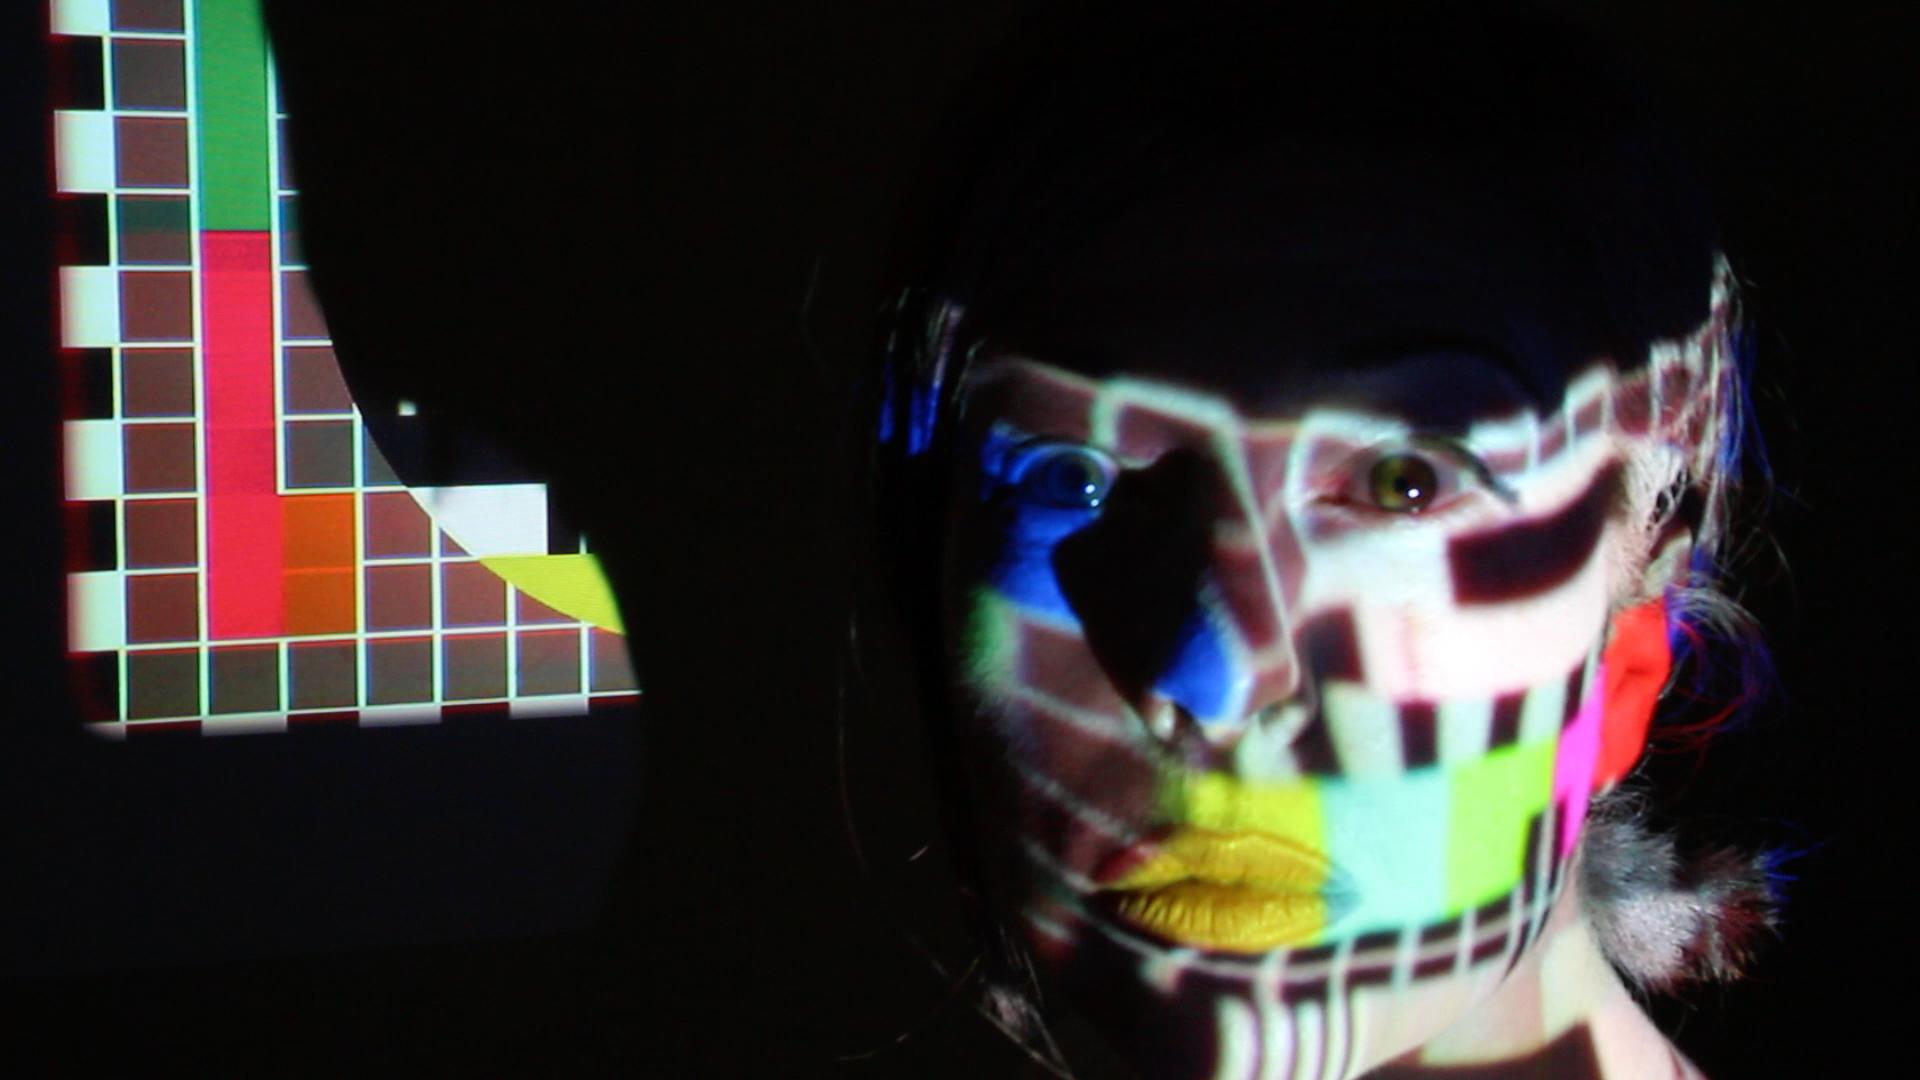 Sue Dodd, Test Pattern 1, Fil0ming the people , video production still, digital print, 73 x 43cm